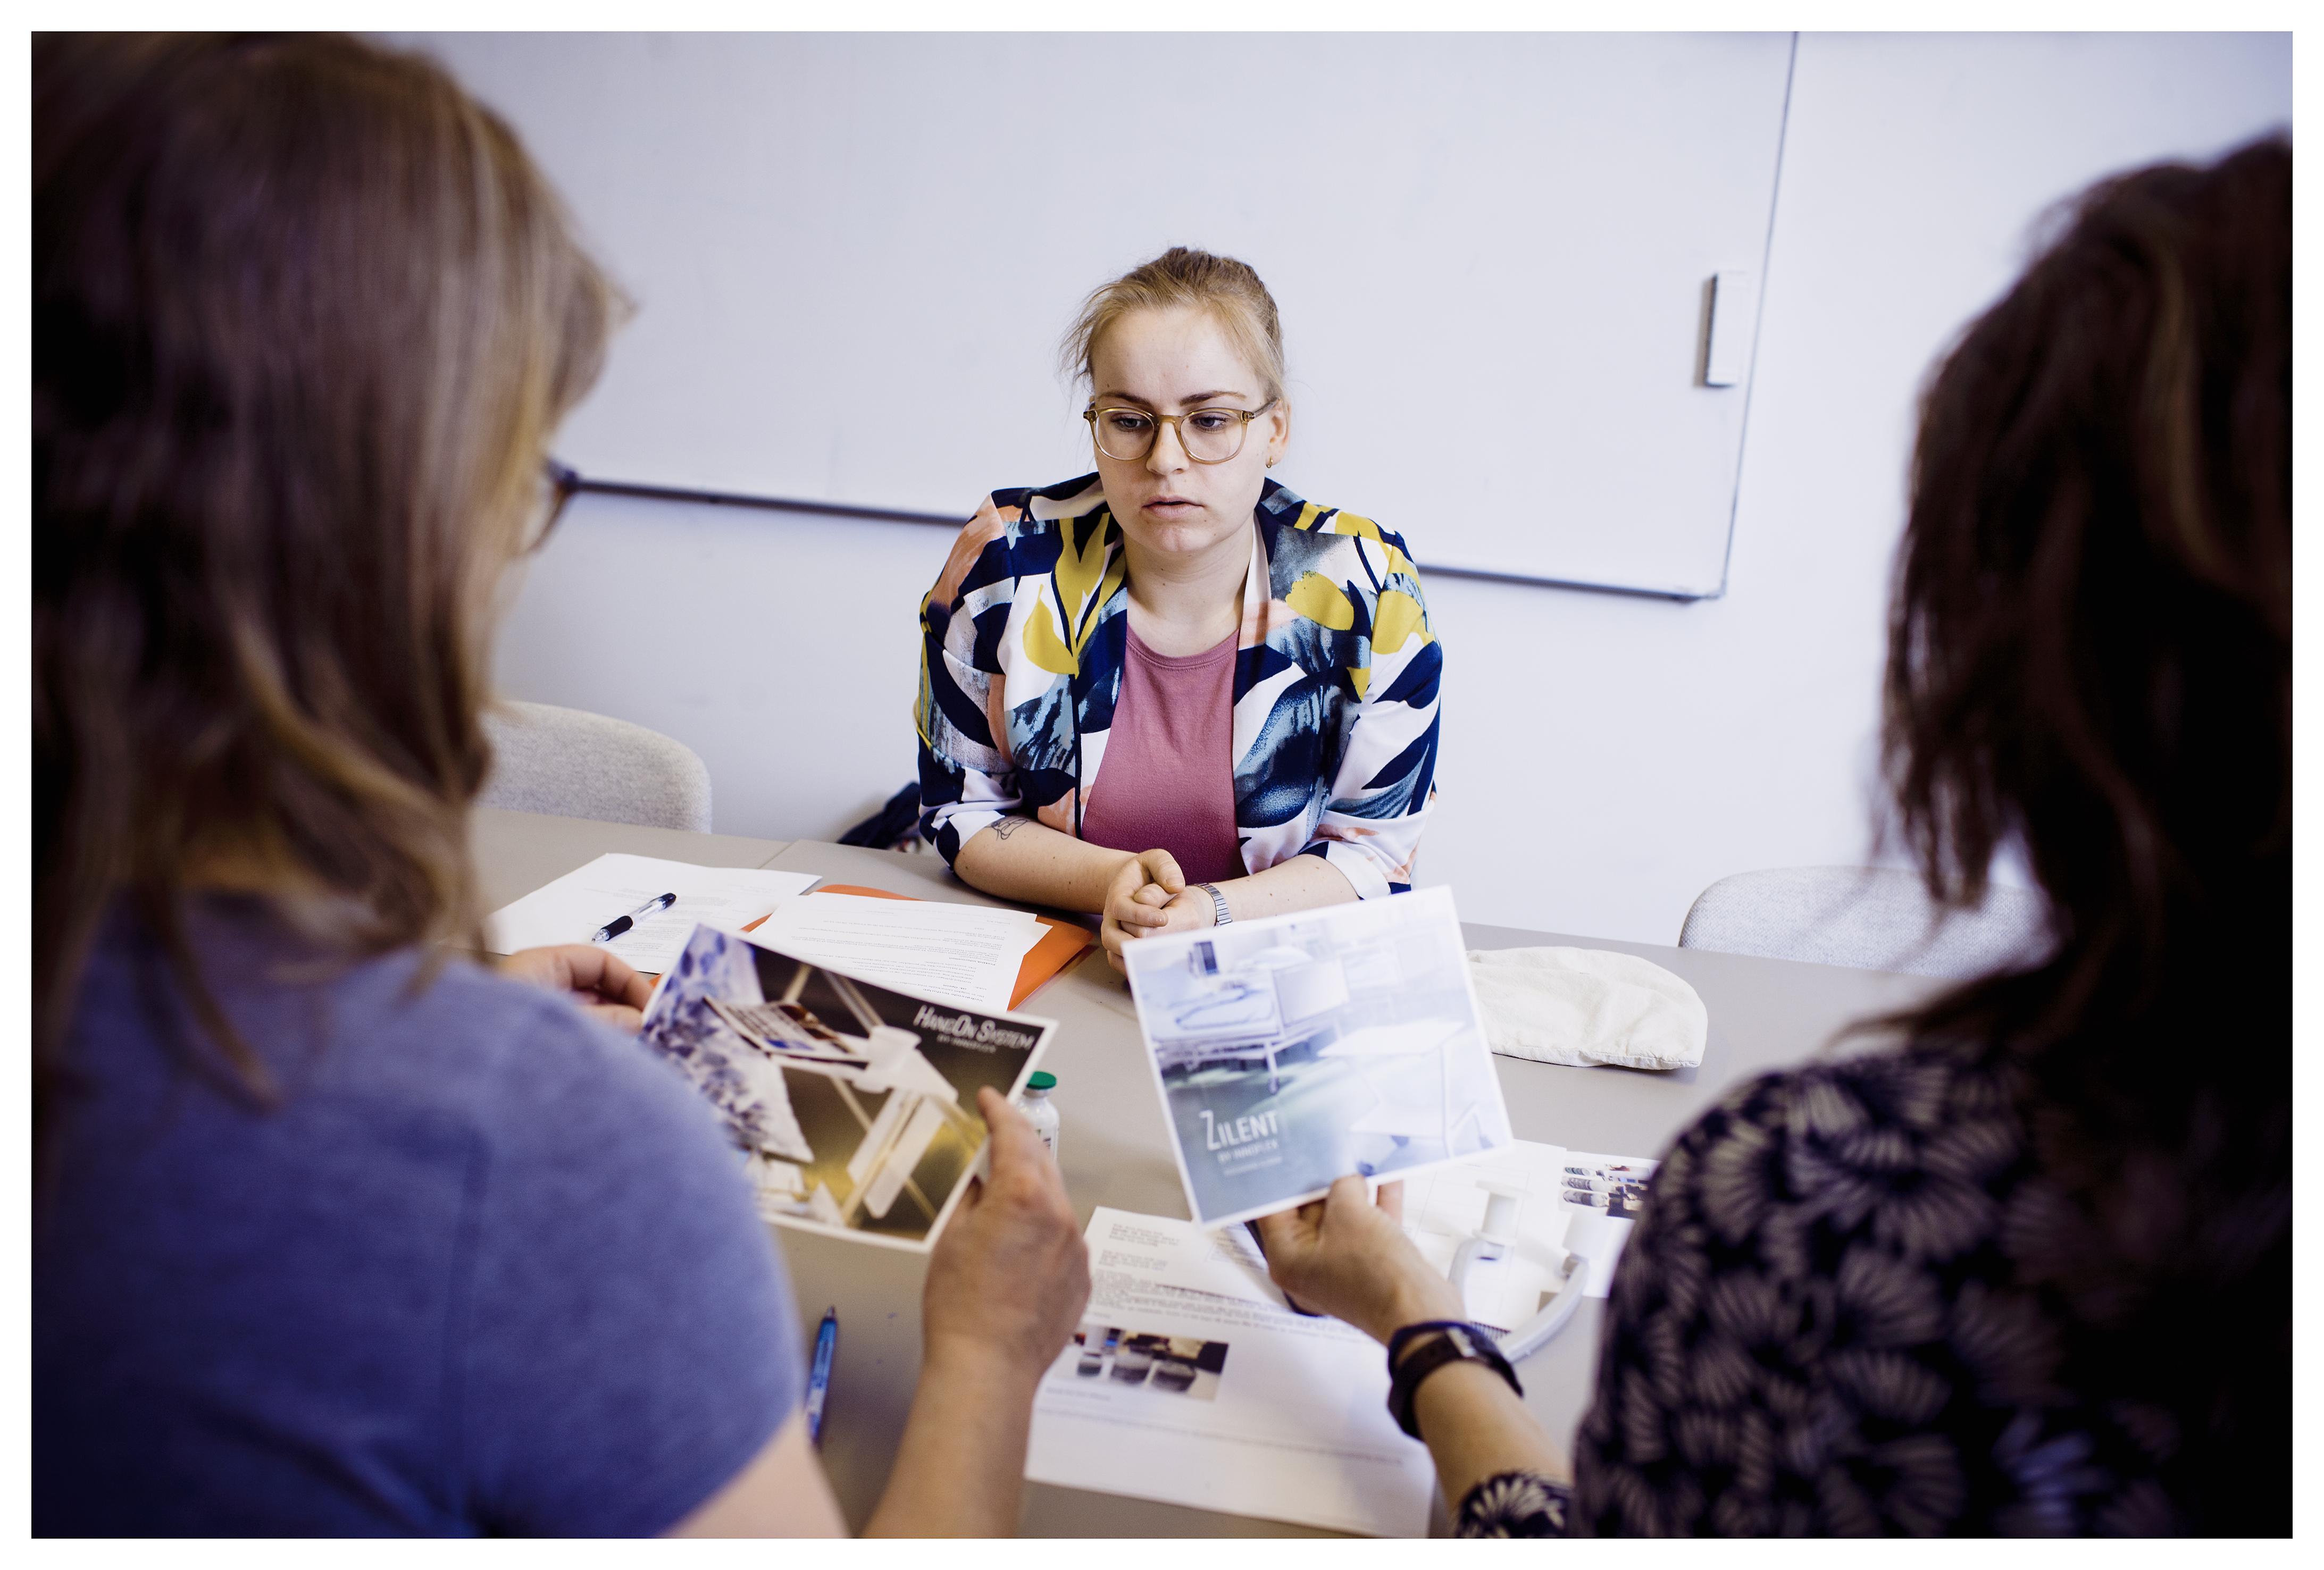 Mette Bidstrup tog på egen hånd initiativ til at komme i praktik hos en virksomhed, fordi hun mente, at ergoterapiens aktivitet- og hverdagslivsperspektiv kunne anvendes i en bredere udstrækning, end hvad på nuværende tidspunkt er tilfældet.